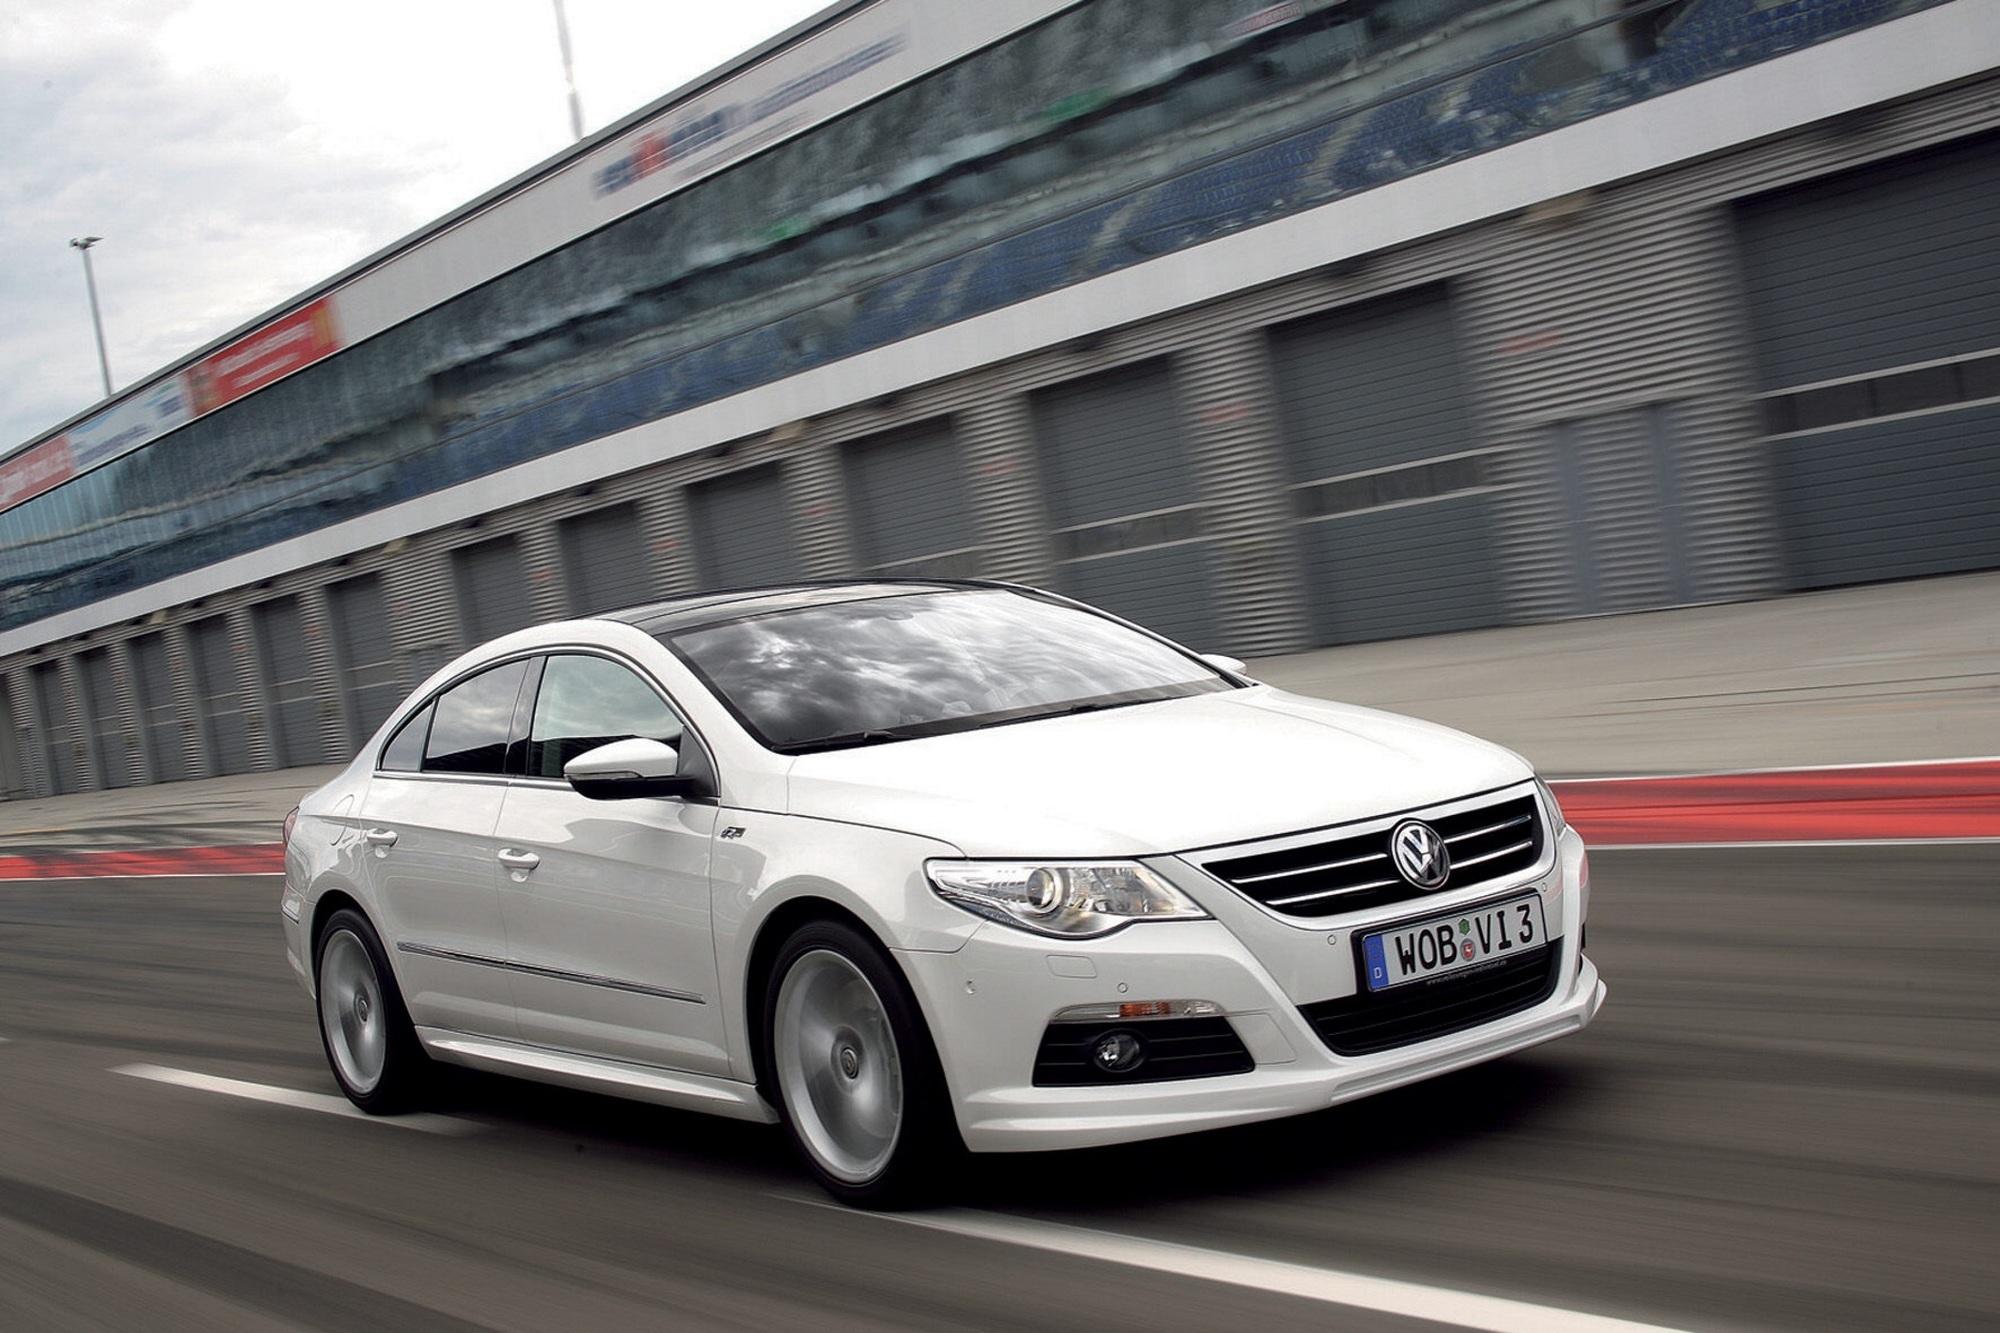 Gebrauchtwagen-Check: VW Passat CC - Der schickere Dienstwagen